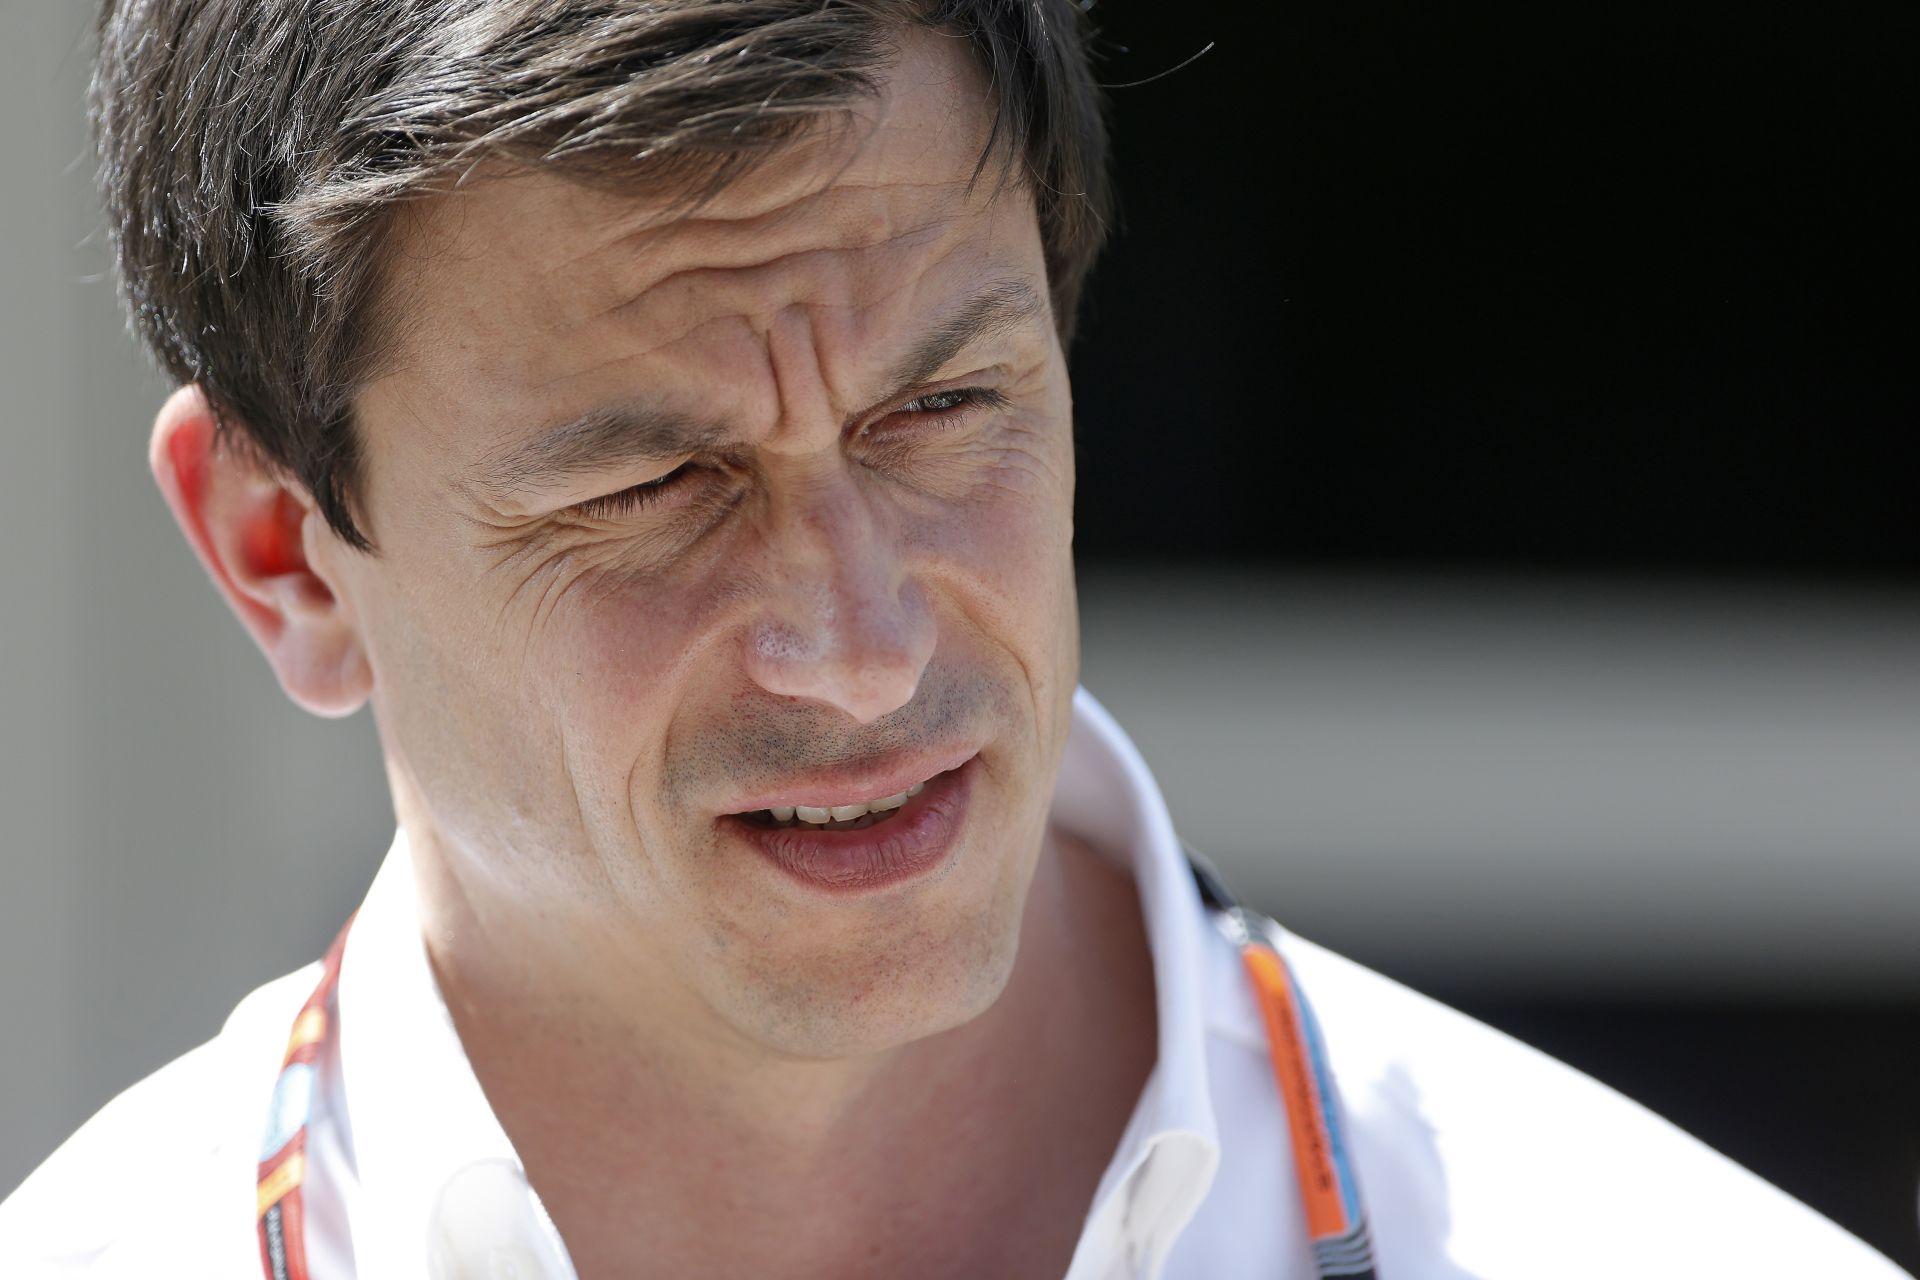 A Mercedes szerint a média többet lát bele Lewis mai esetébe, mint kellene...